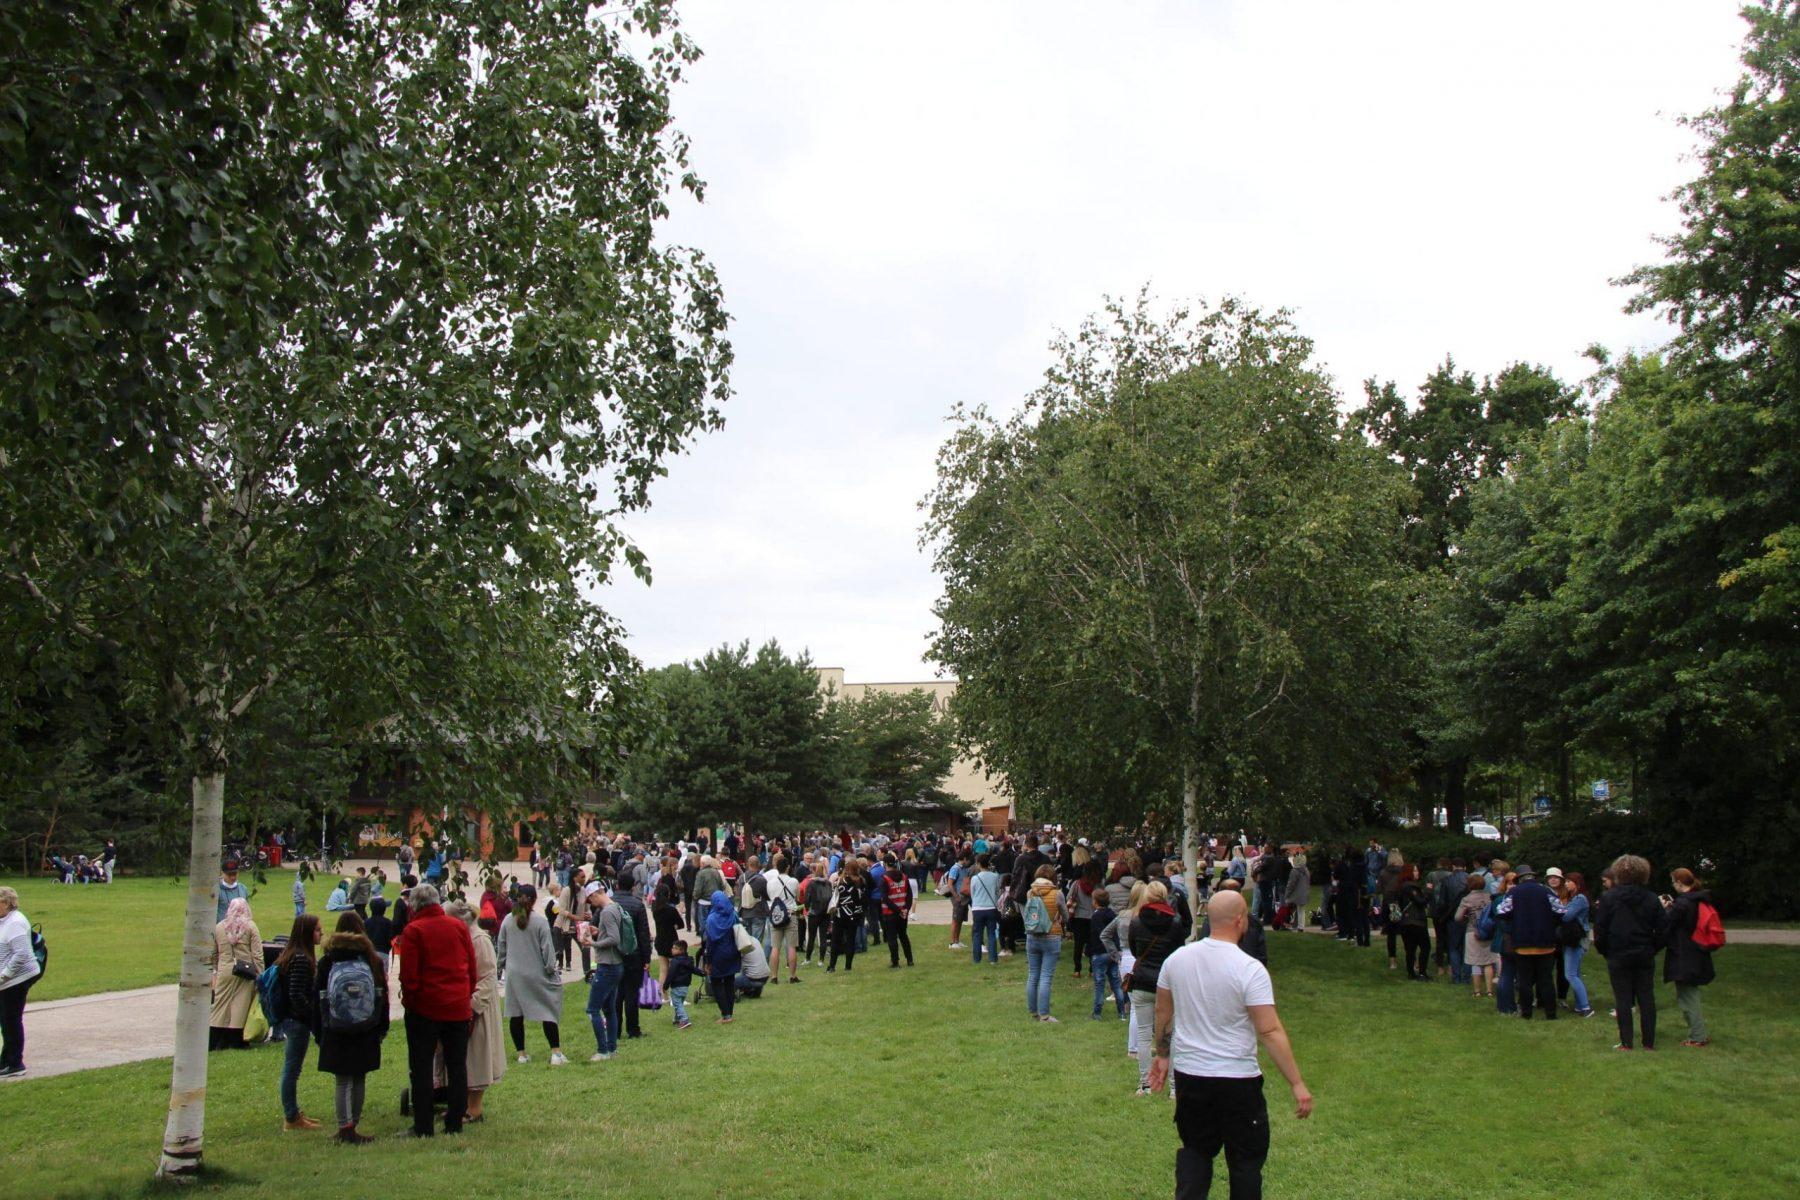 Massen warten vor dem Tierpark Hagenbeck auf Einlass. Foto: Johanna Grabert